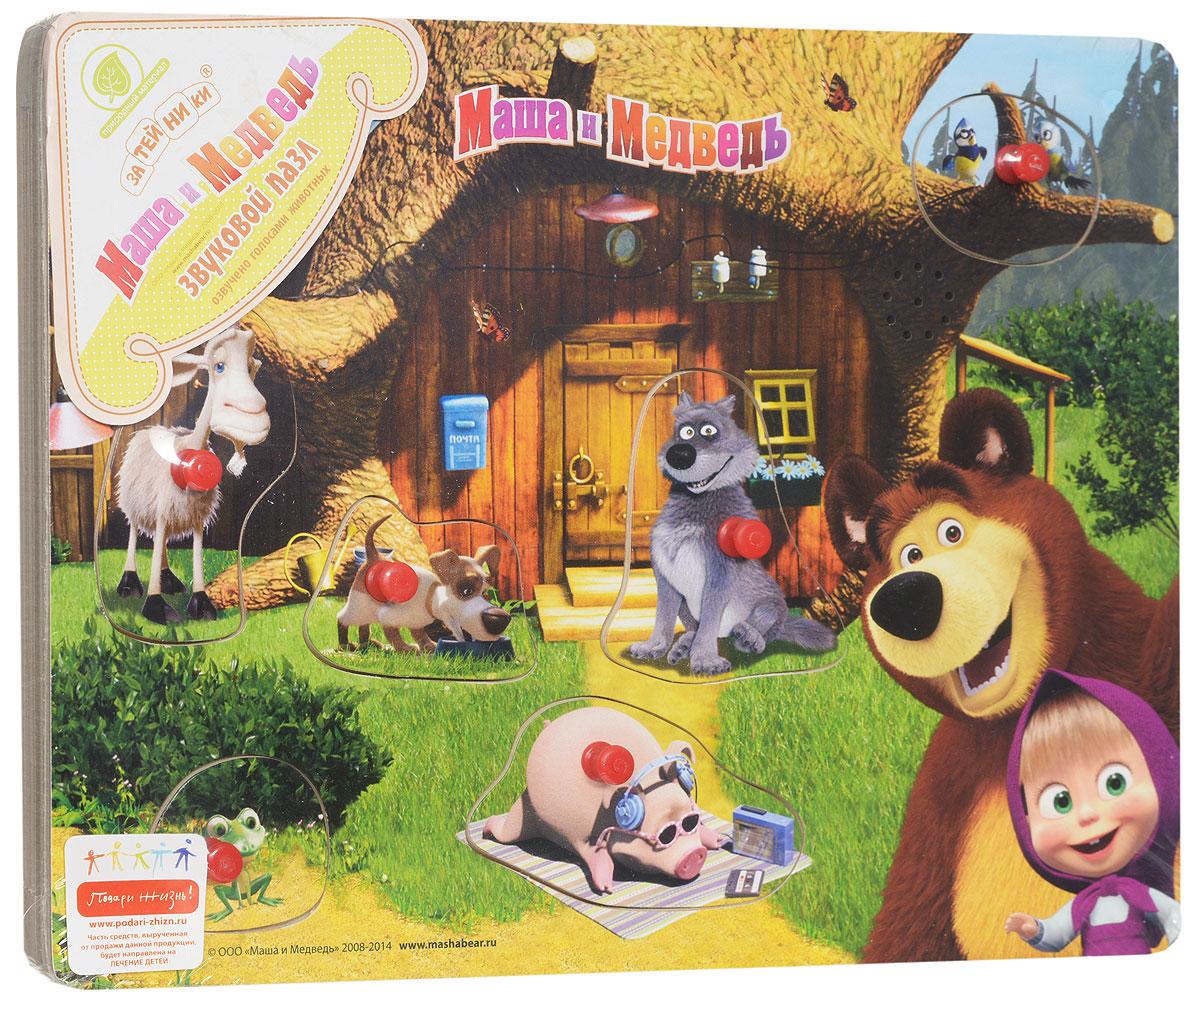 Маша и Медведь Пазл для малышей озвученный1180374Самым экологически чистым материалом, из которого делают игрушки для детей, является дерево. Пазл для малышей Маша и Медведь имеет несколько элементов, из которых можно собрать картинки, иллюстрирующие момент в знаменитом мультсериале. Такой пазл понравится как малышам, так и их родителям. Каждое животное озвучено, что делает игру с пазлом еще более увлекательной. Для работы игрушки необходимы 2 батарейки типа ААА напряжением 1,5V (товар комплектуется демонстрационными).